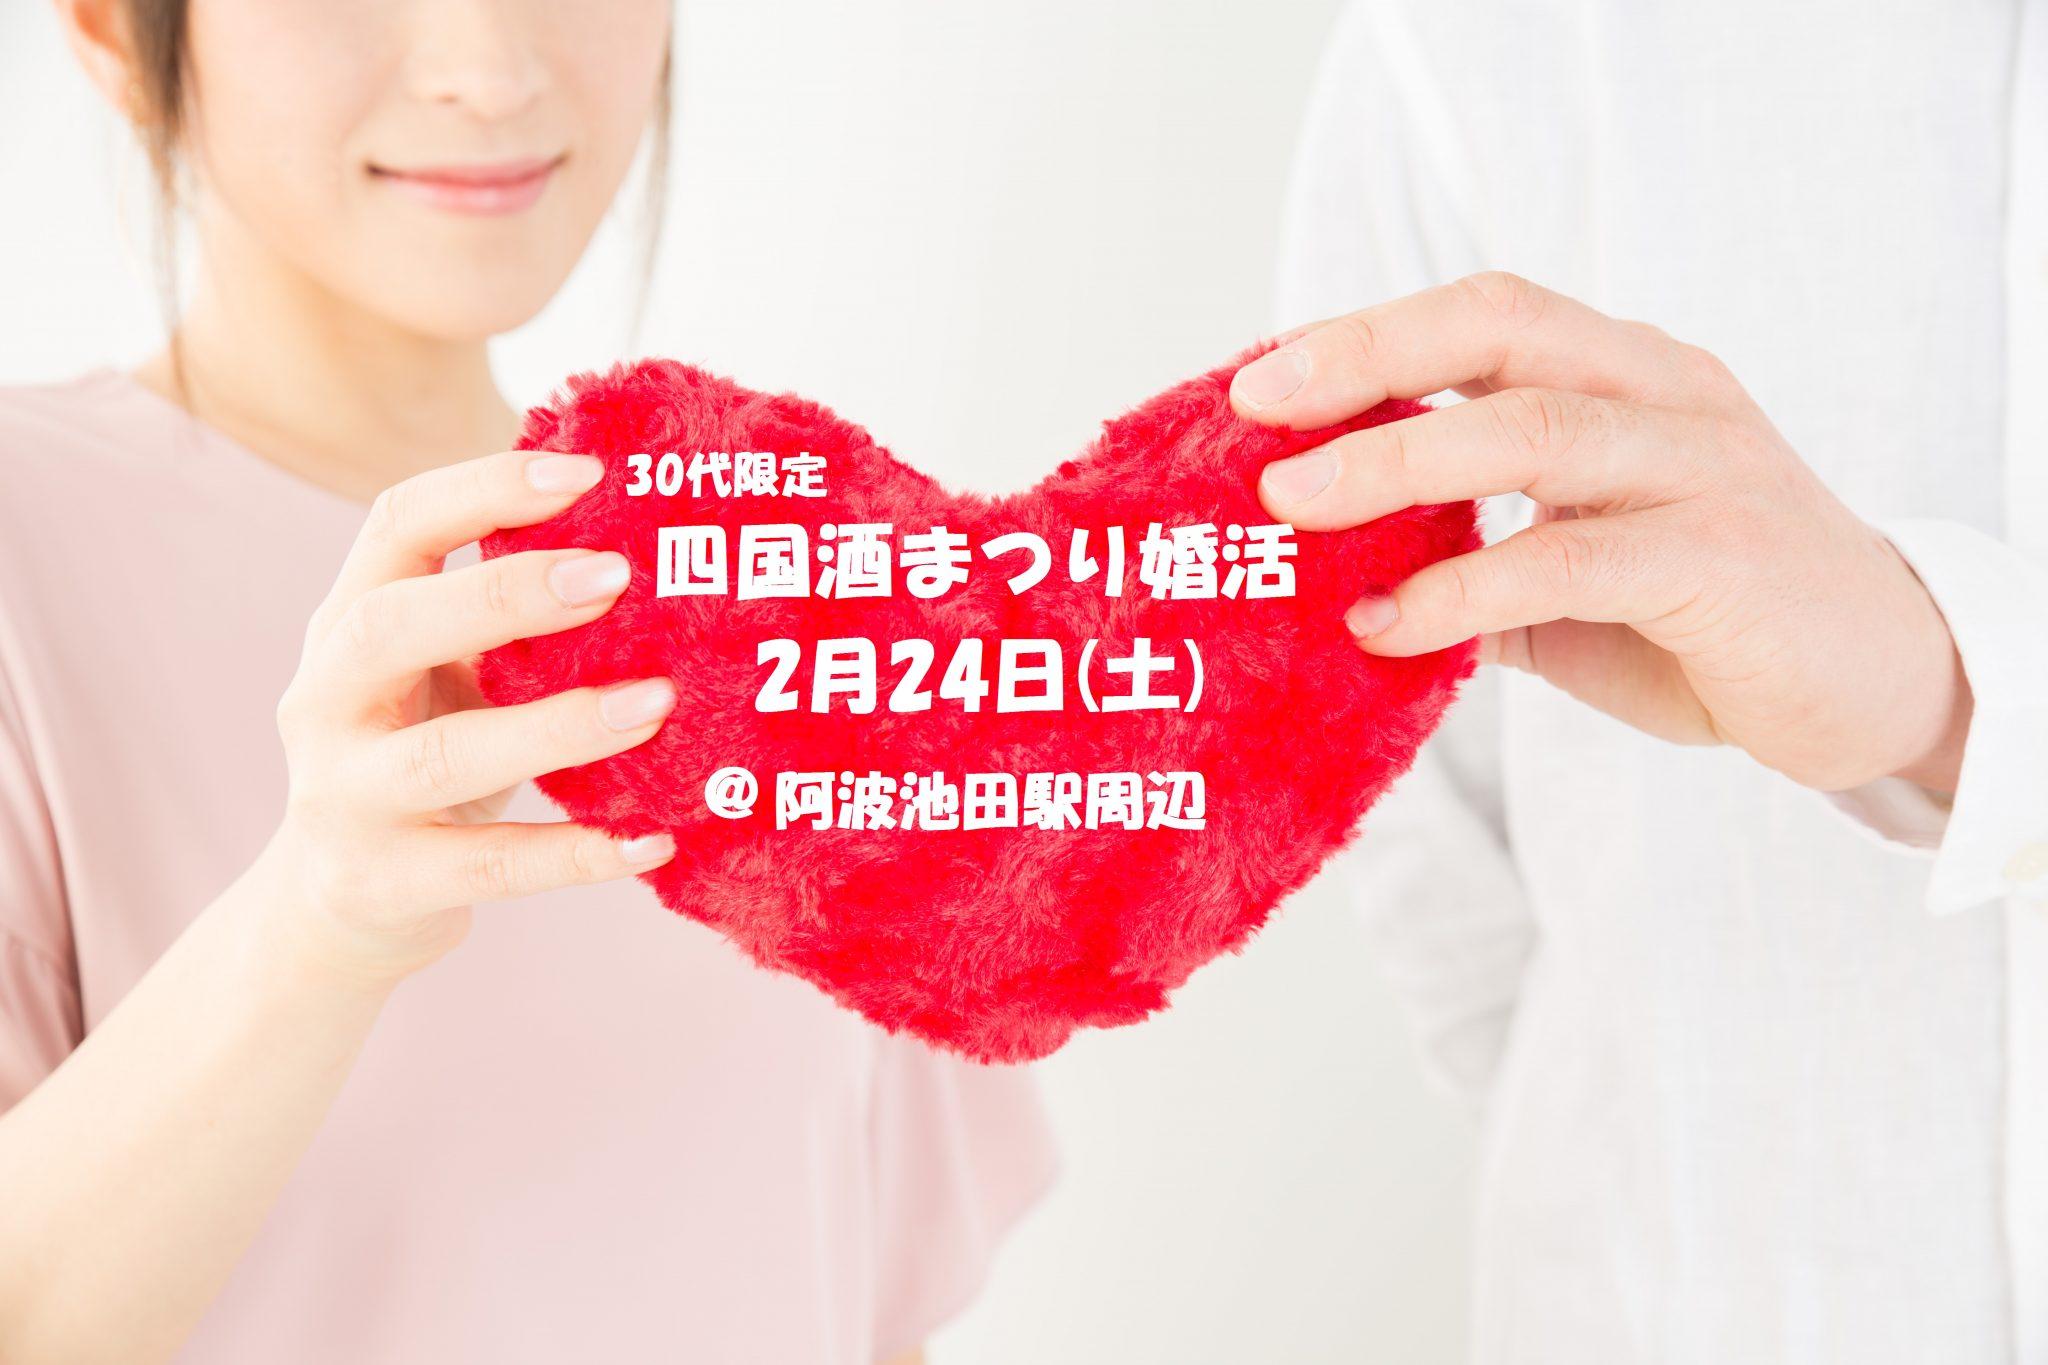 【30代限定】四国酒まつり婚活 参加者募集中!